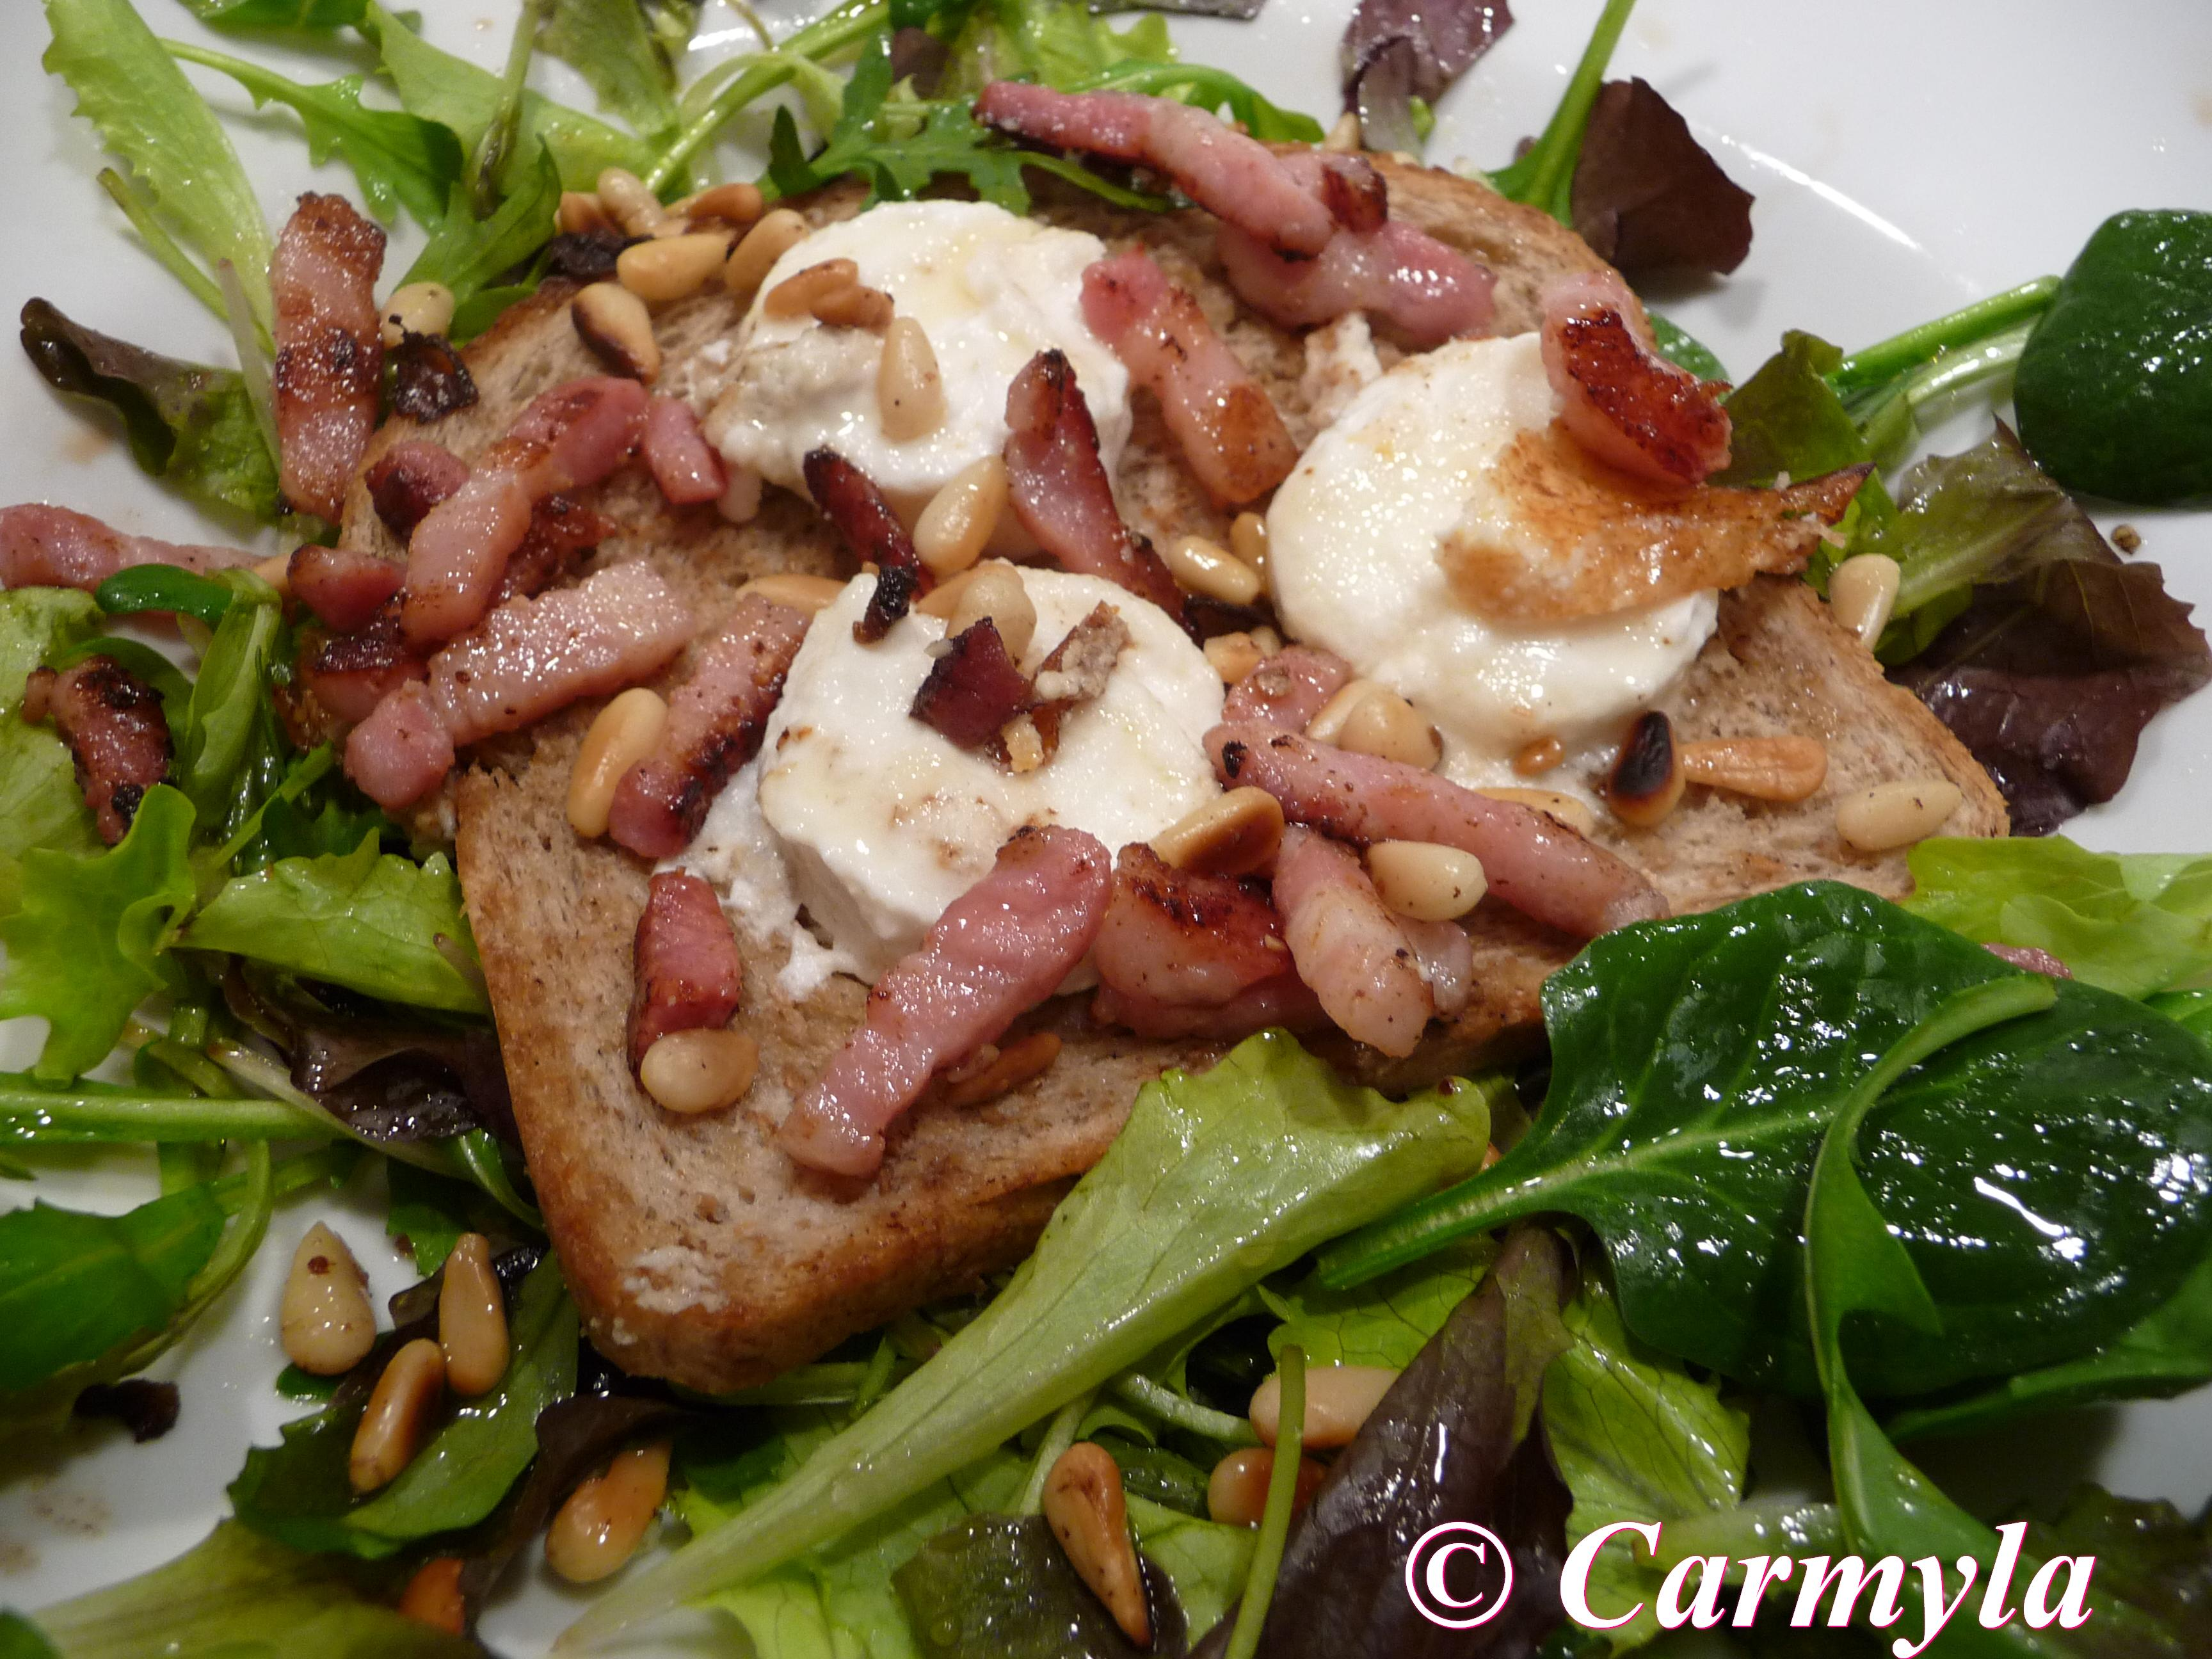 Ensalada templada de queso de cabra y bacon carmyla - Diferentes ensaladas de lechuga ...